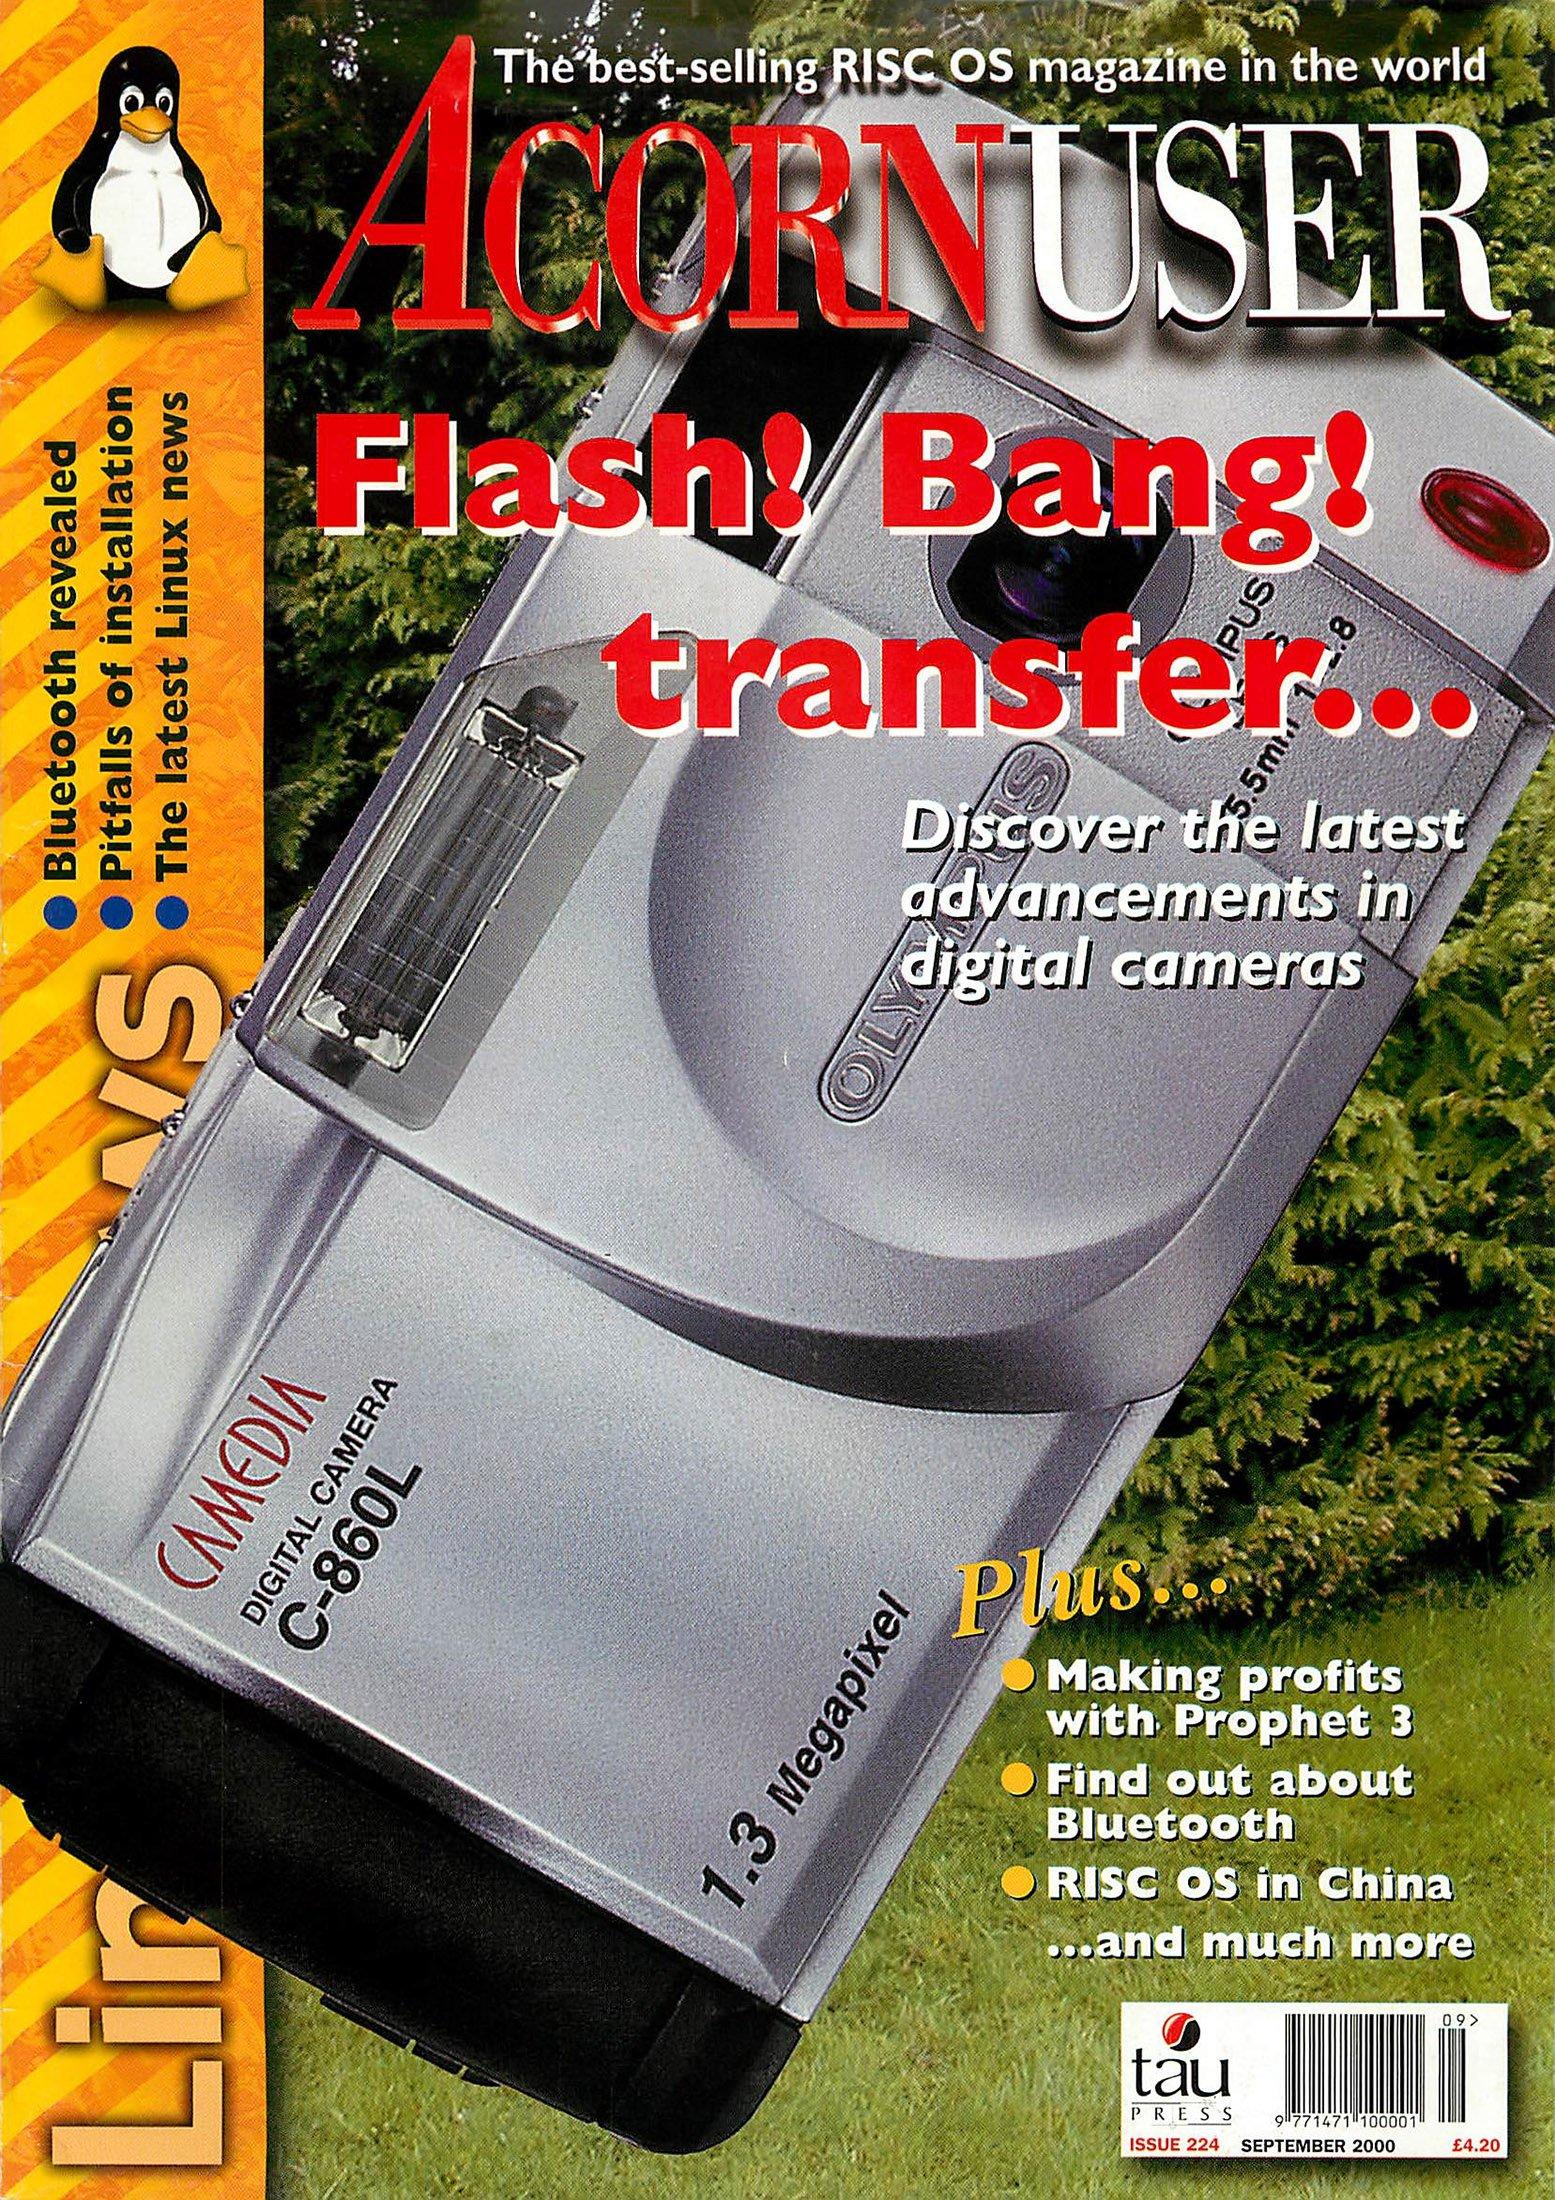 Acorn User 224 (September 2000)